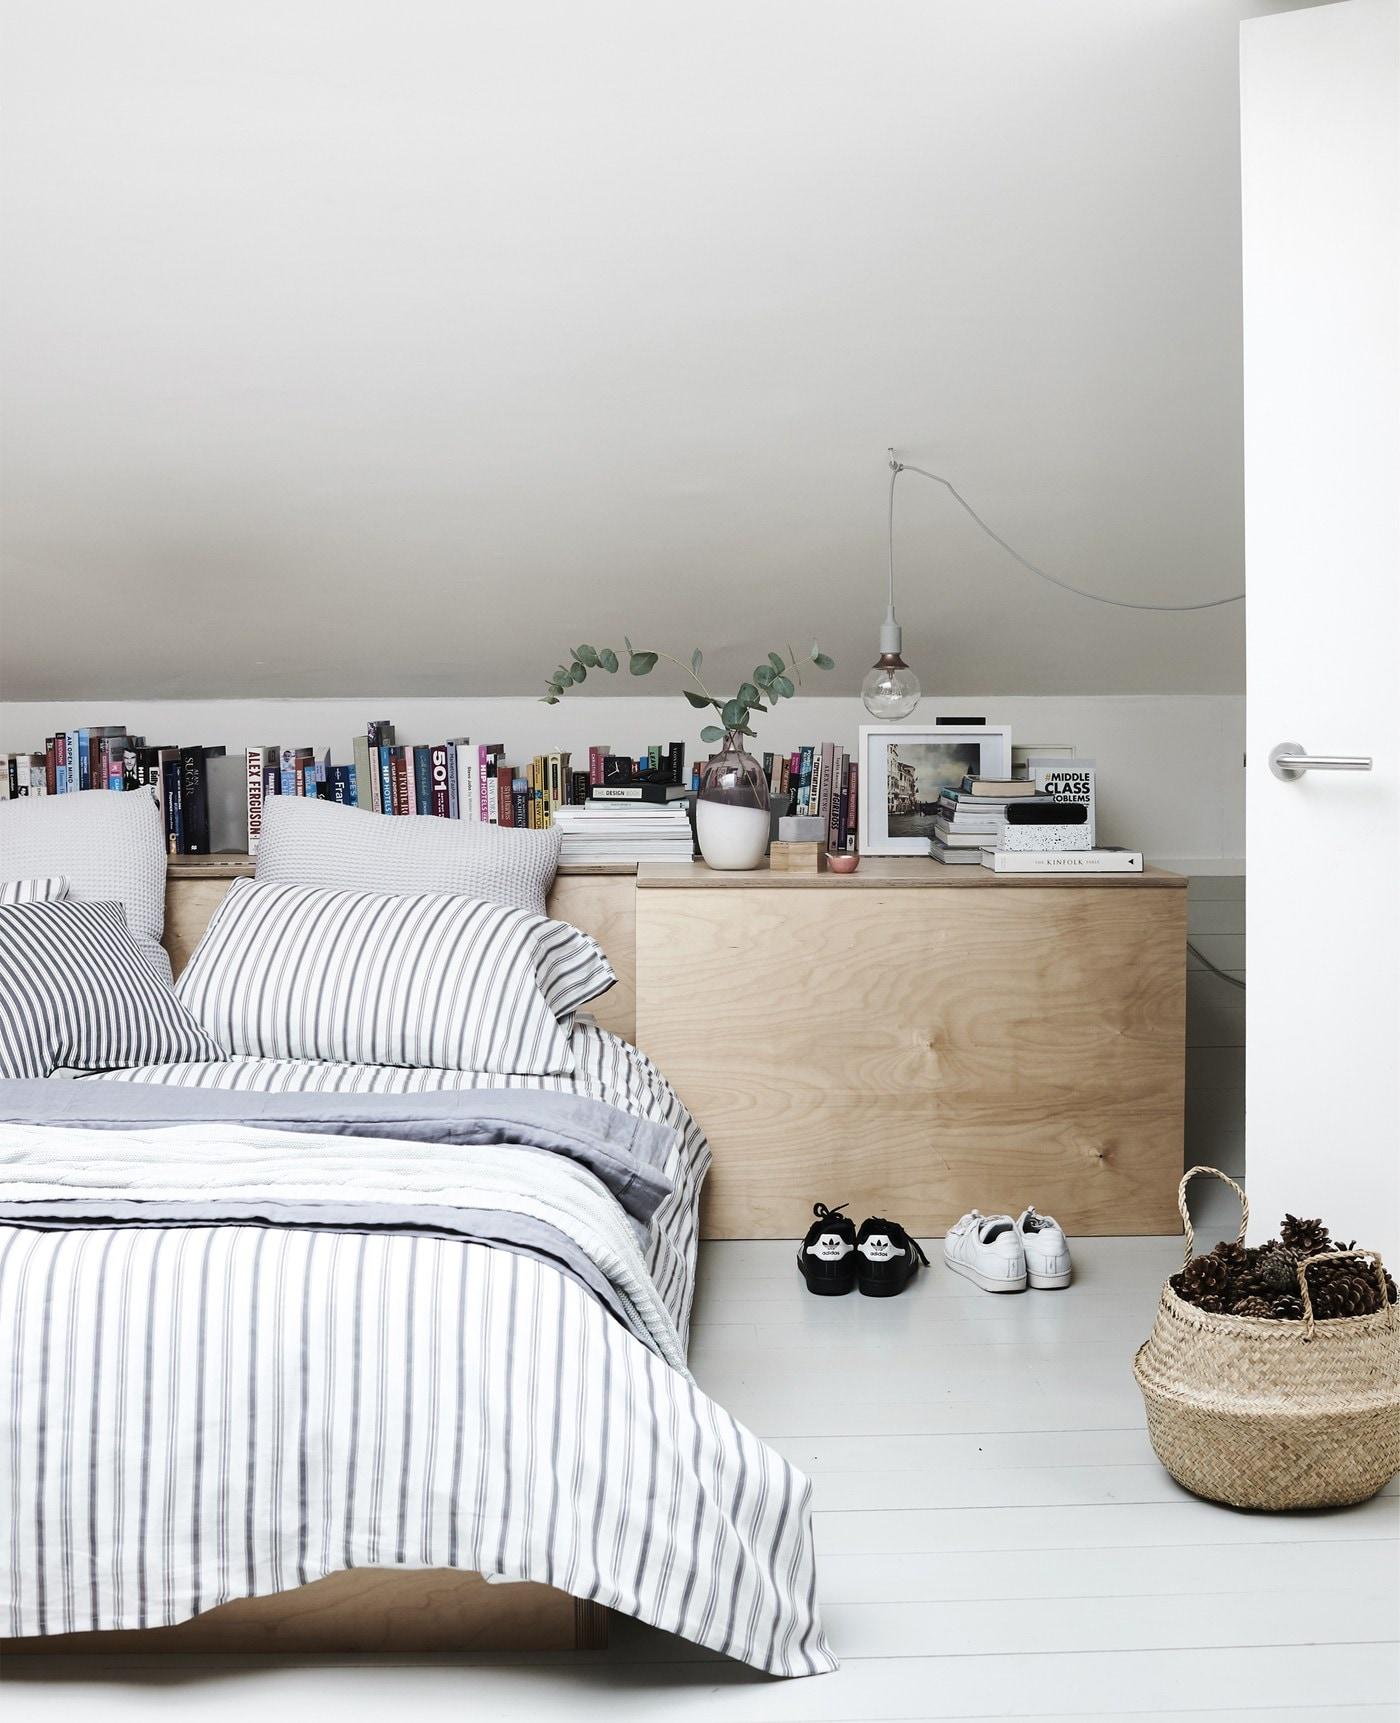 camas minimalistas de madera baratas en ikea